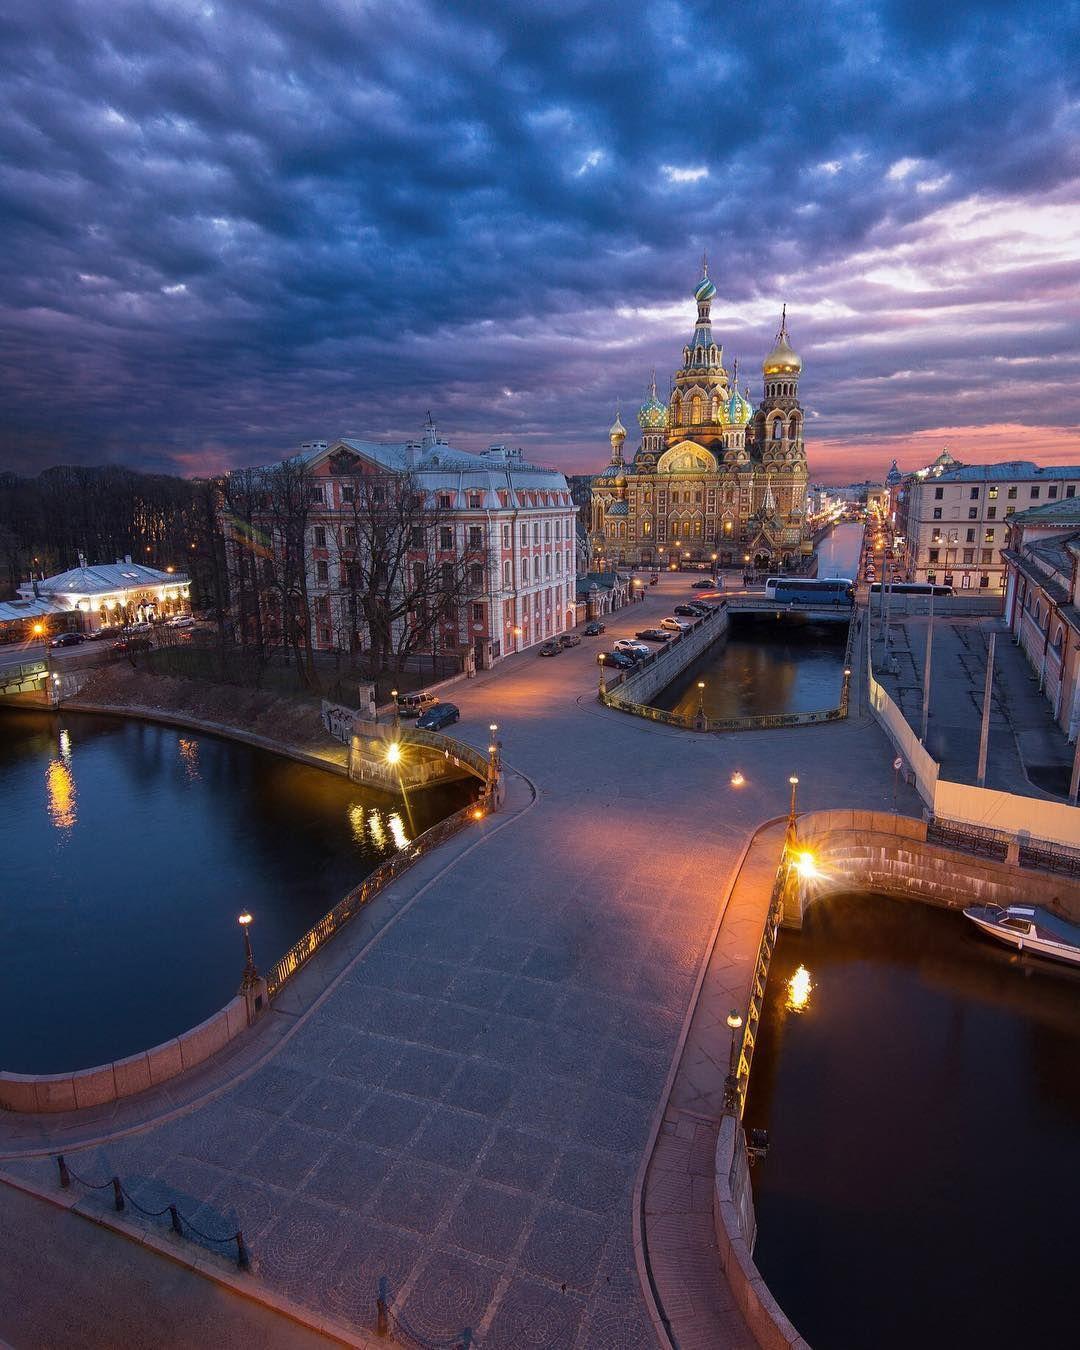 нужно промыть самые фотогеничные места санкт петербурга него, прям как